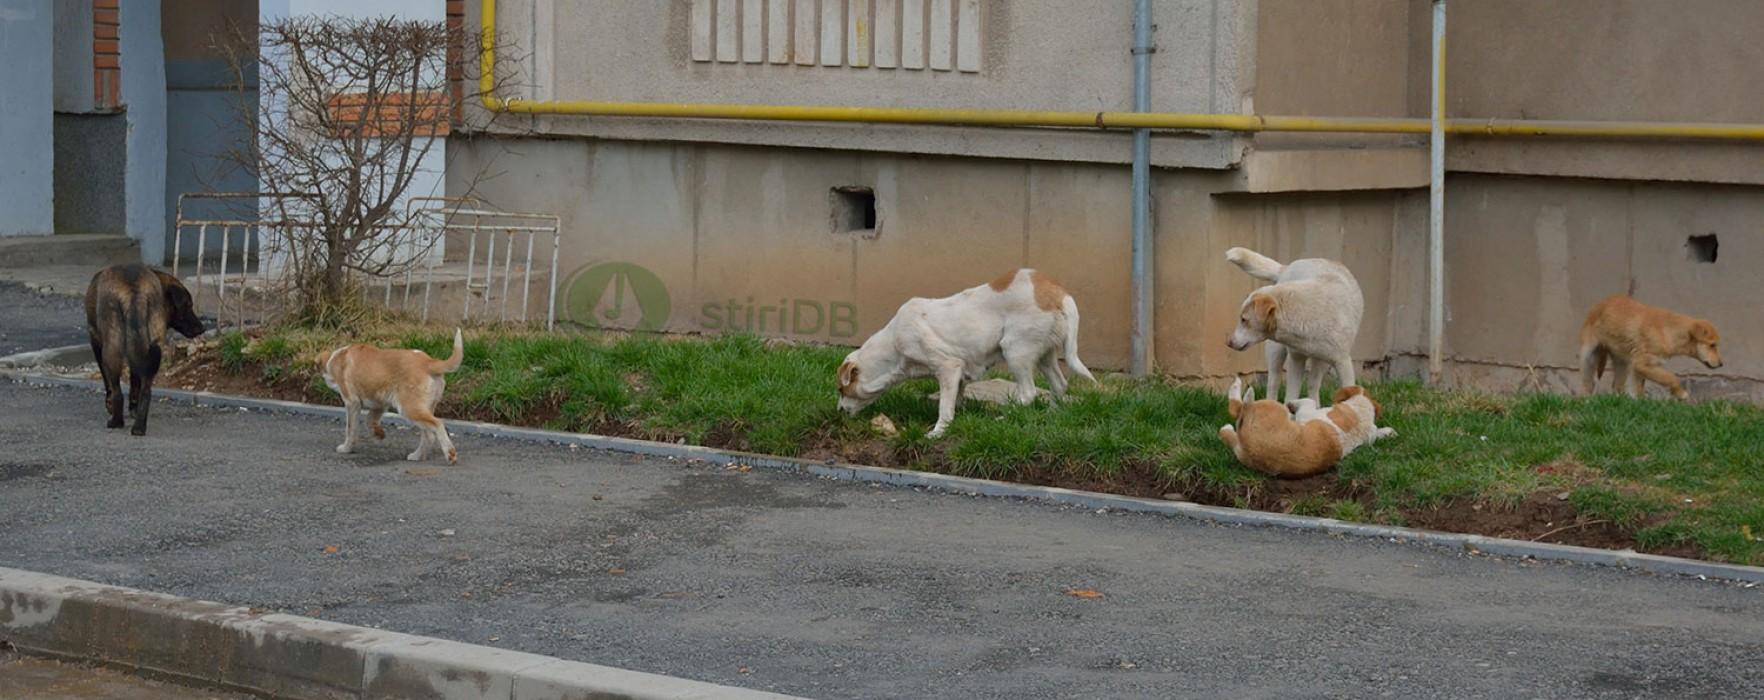 Târgovişte: 100.000 de lei pentru sterilizarea câinilor; vezi cine va rezolva problema maidanezilor